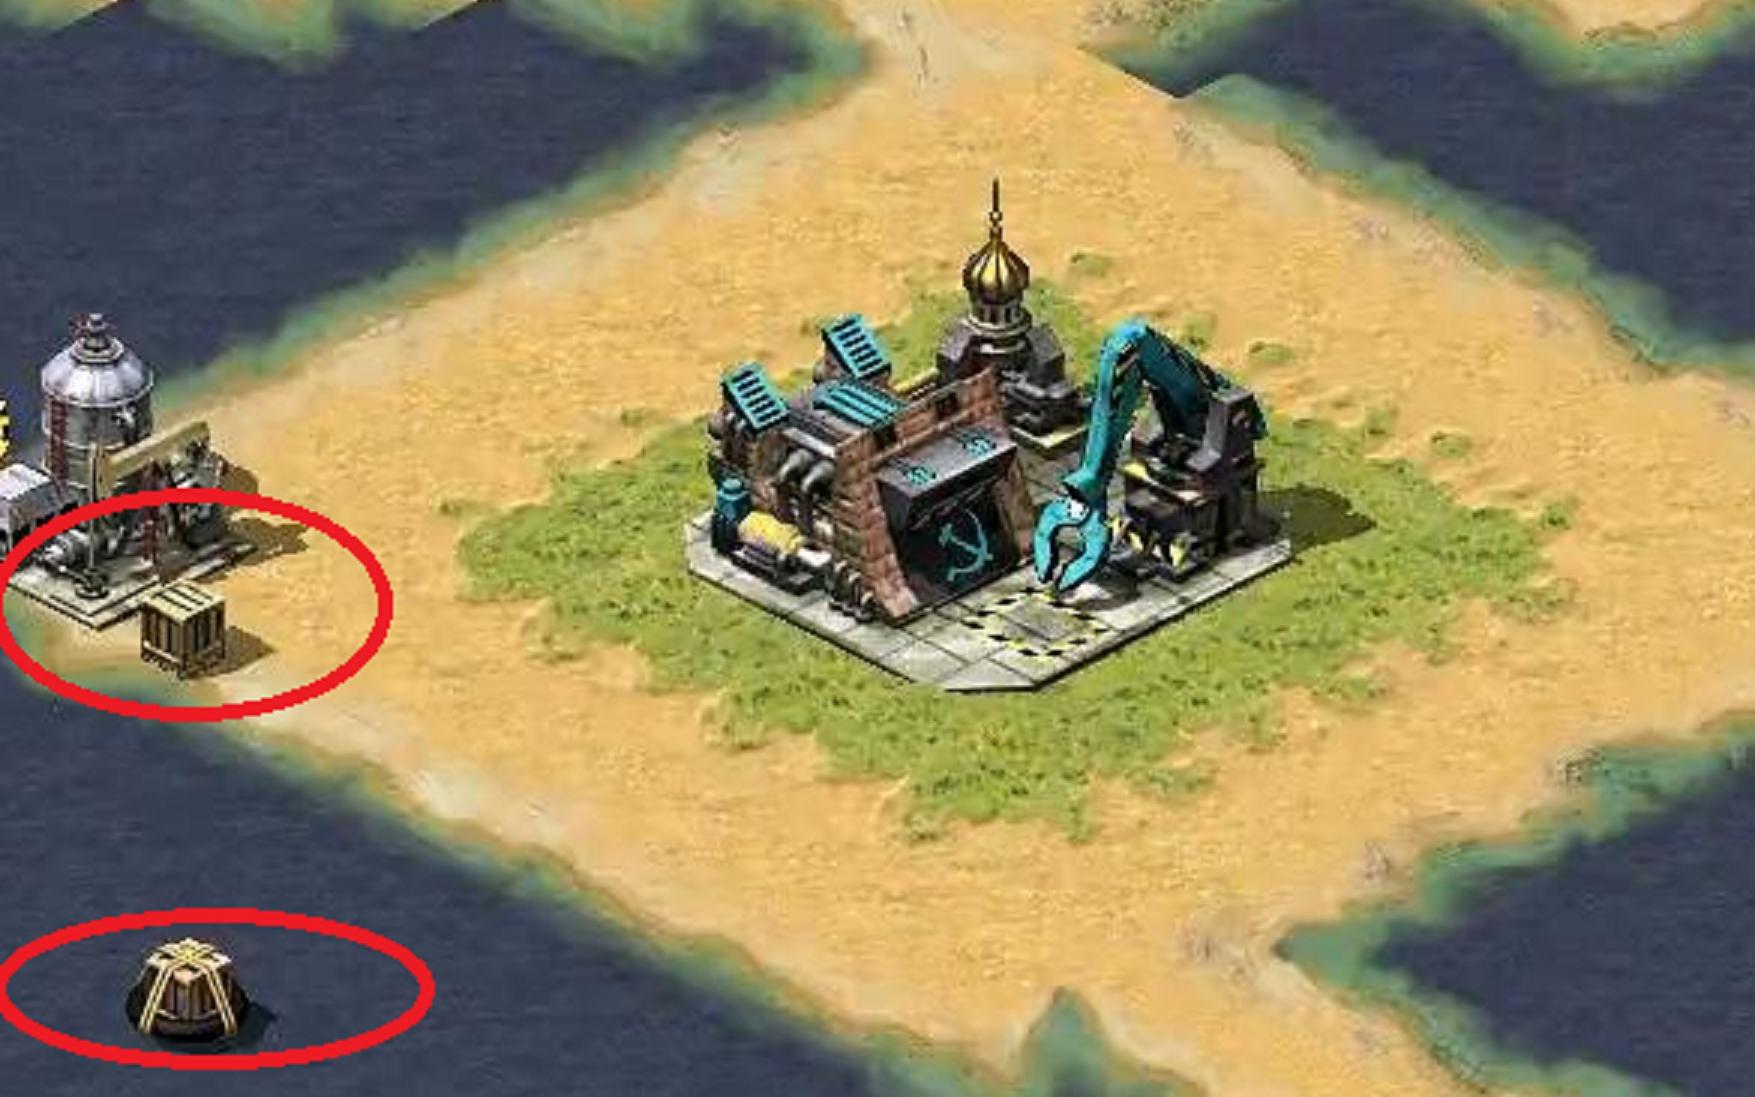 【红色警戒】开局每人一小块地一个油井,就没啦:除非你看到了箱子!